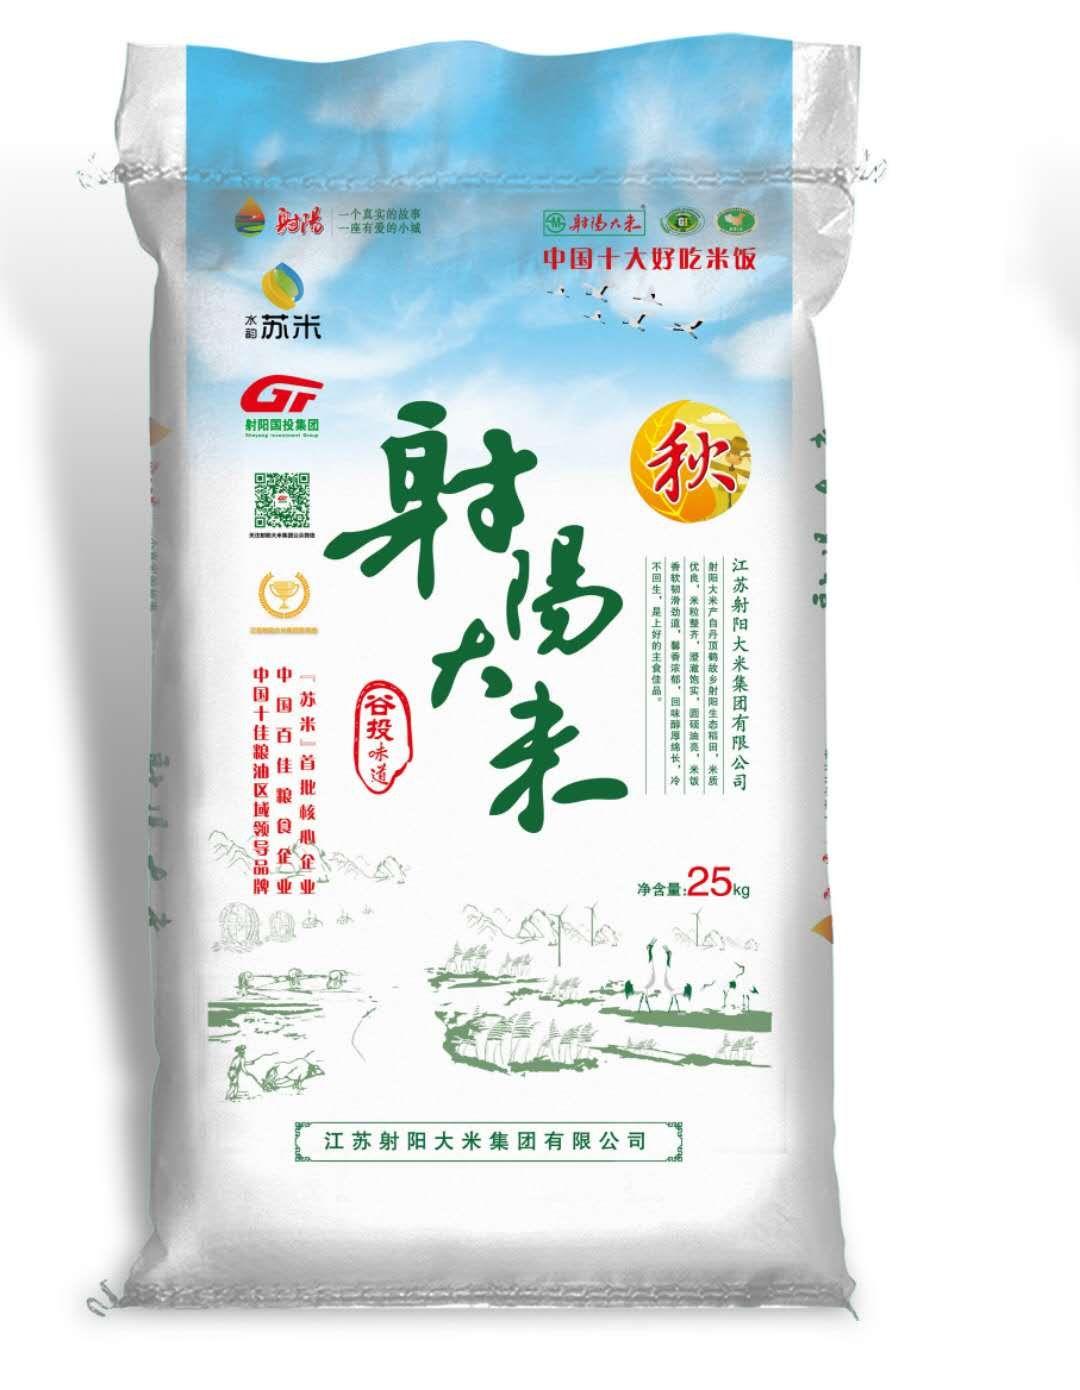 江苏射阳大米集团有限公司